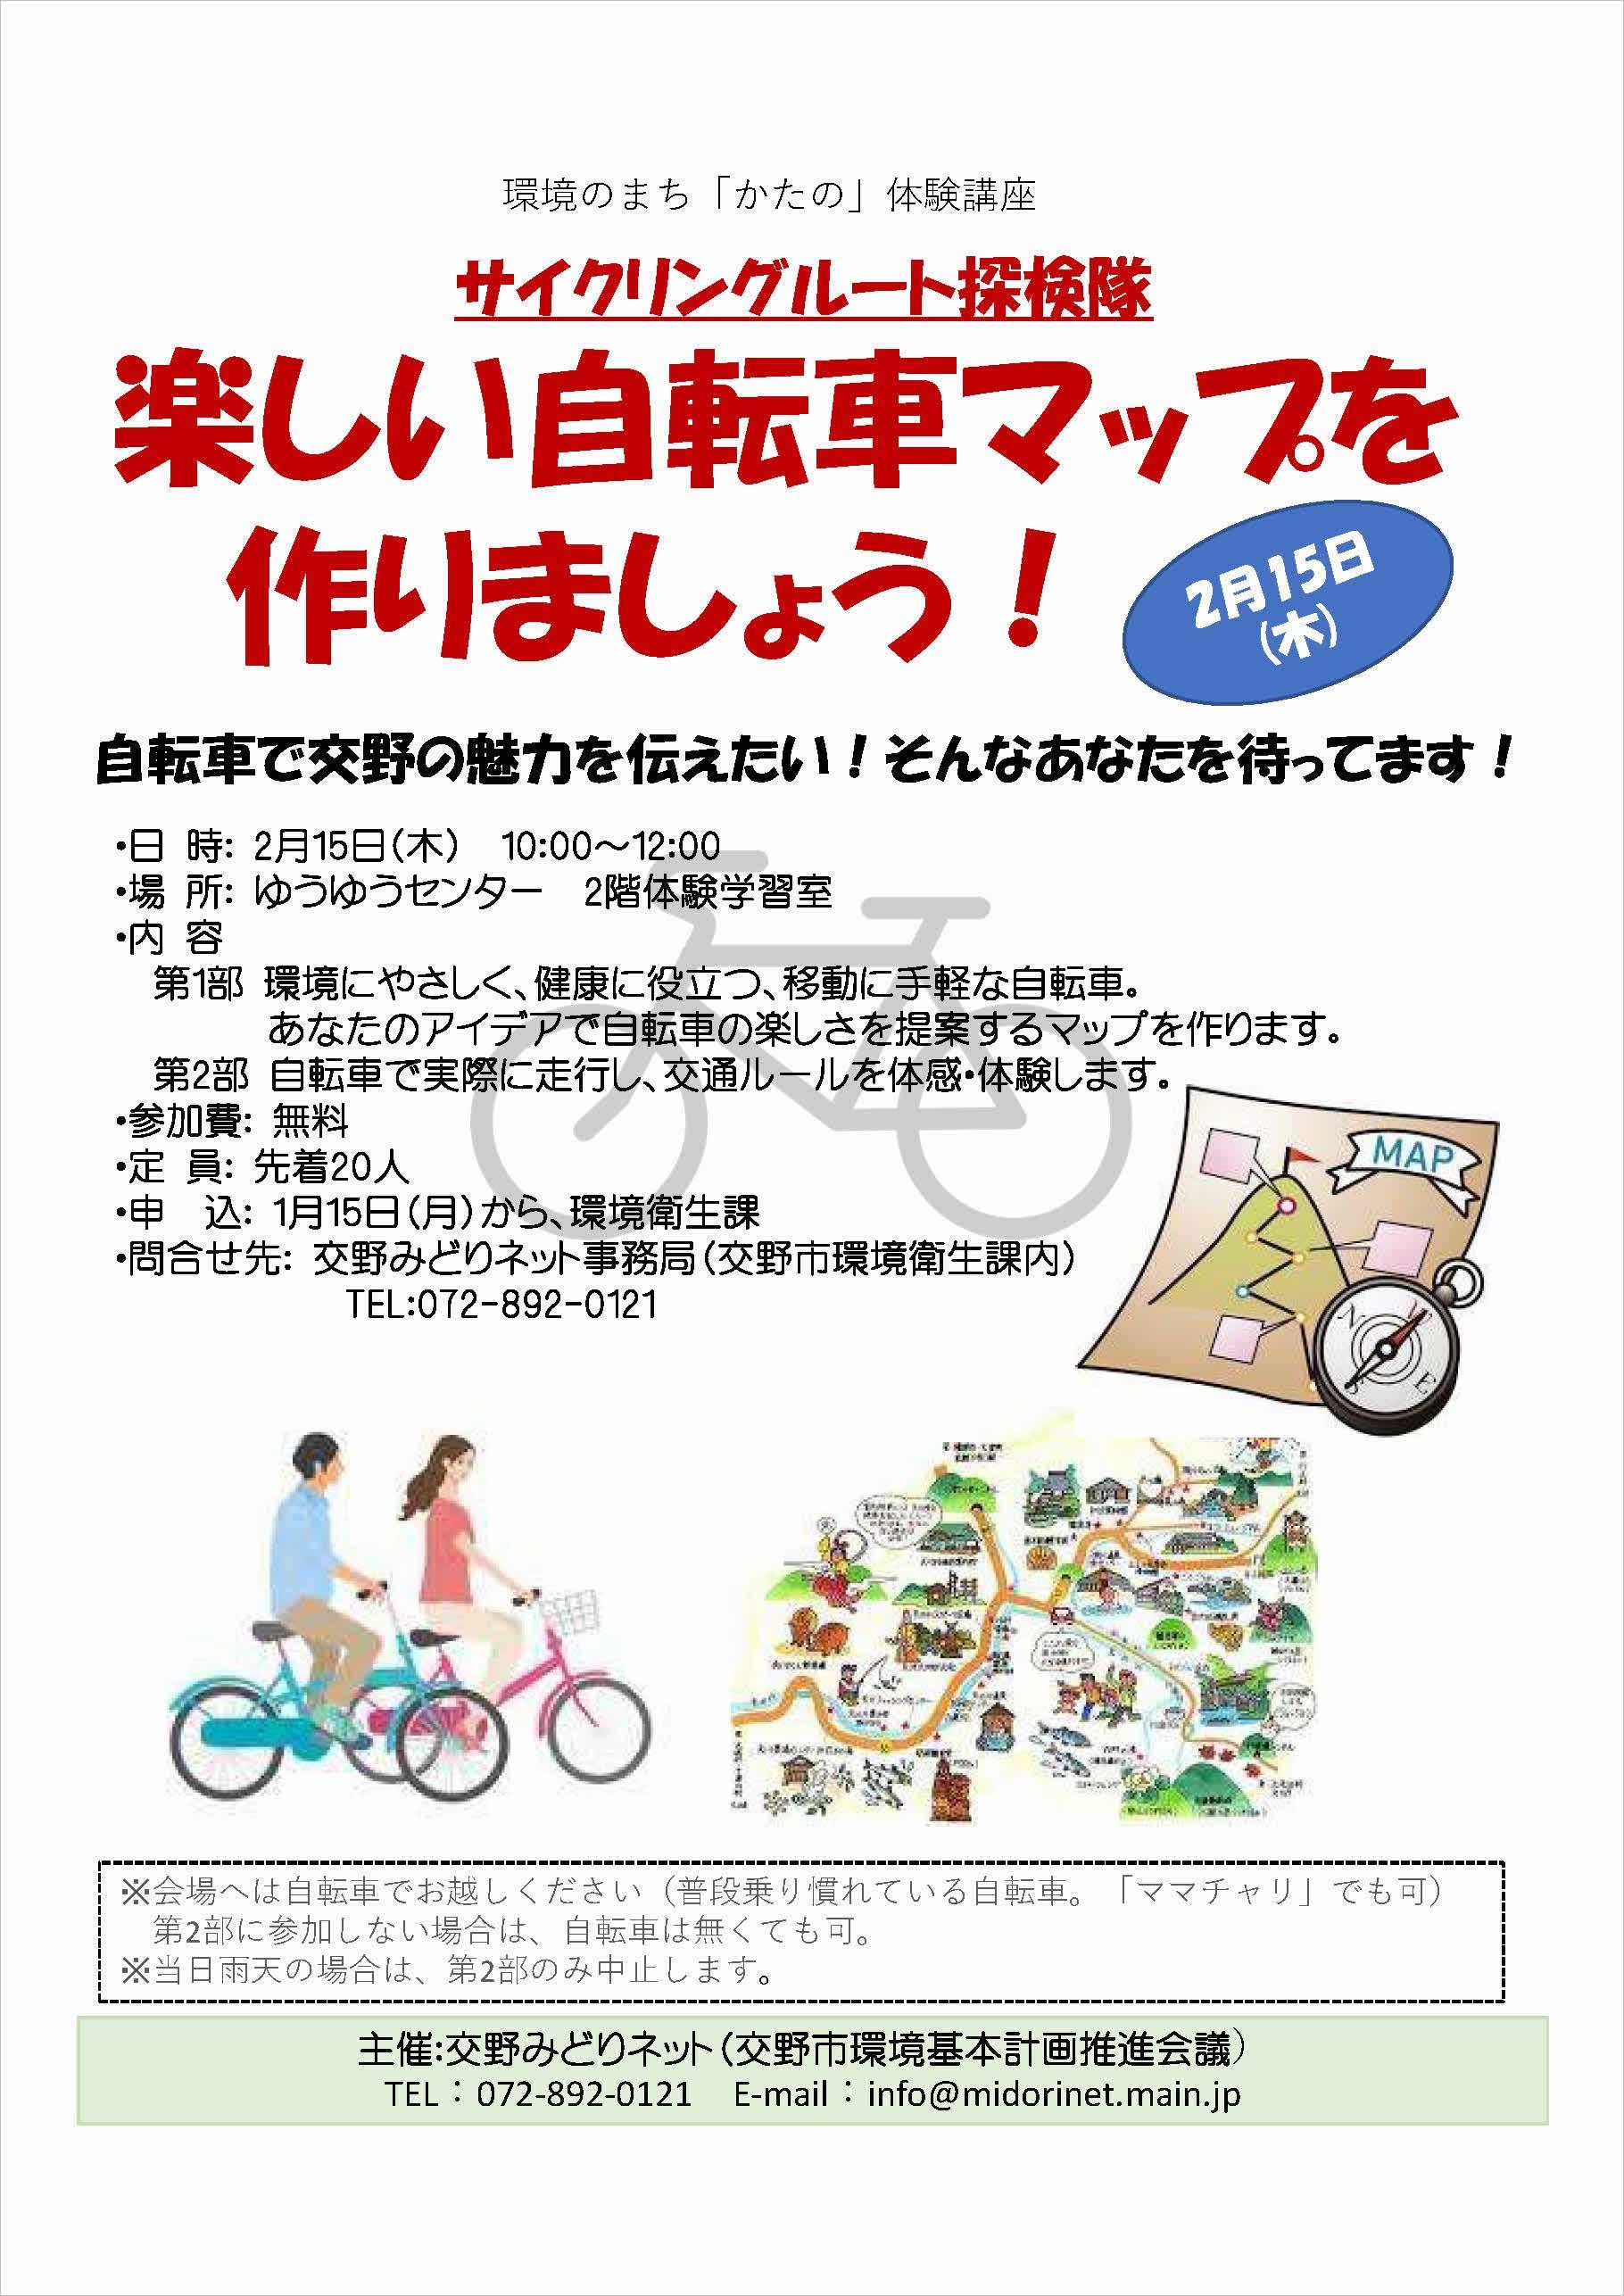 ~サイクリングルート探検隊~楽しい自転車マップを 作りましょう!